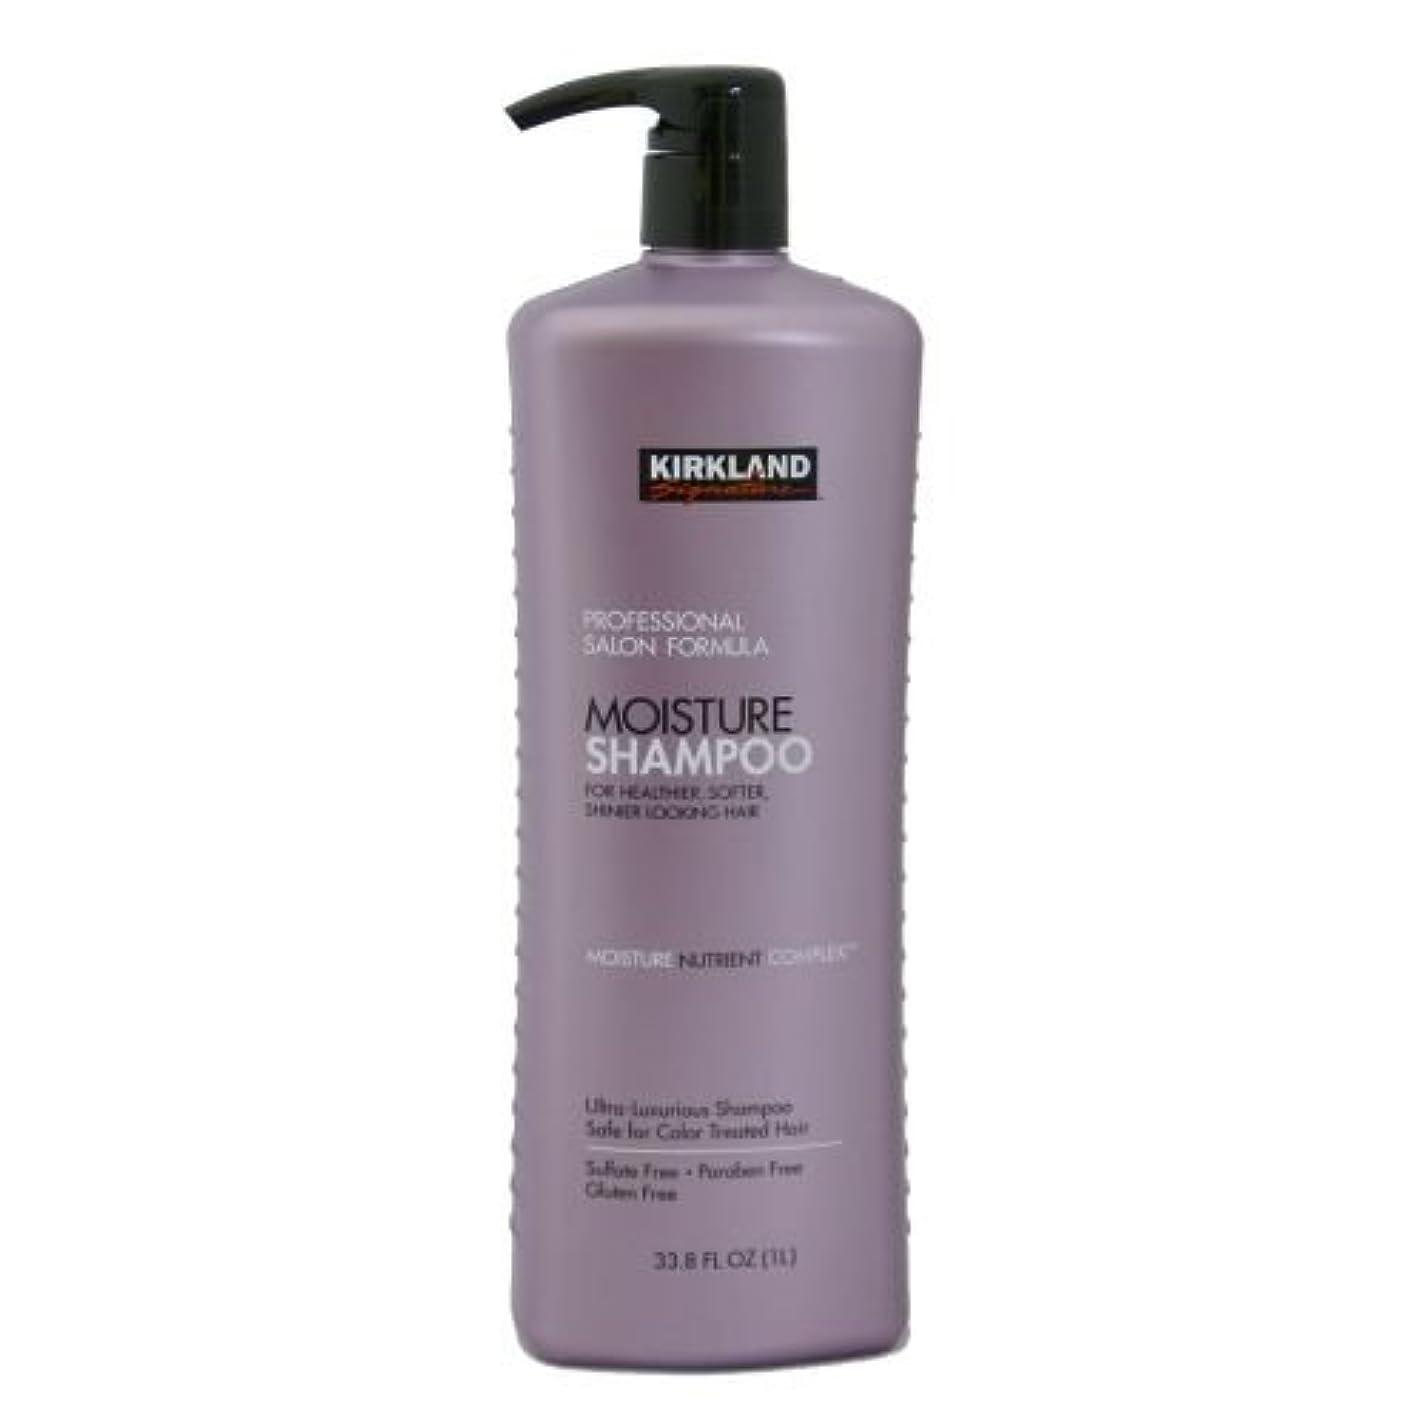 解決アンソロジー詳細にカークランドシグネチャー モイスチャーシャンプー1000ml【Kirkland Signature Moisture Shampoo】海外直送品